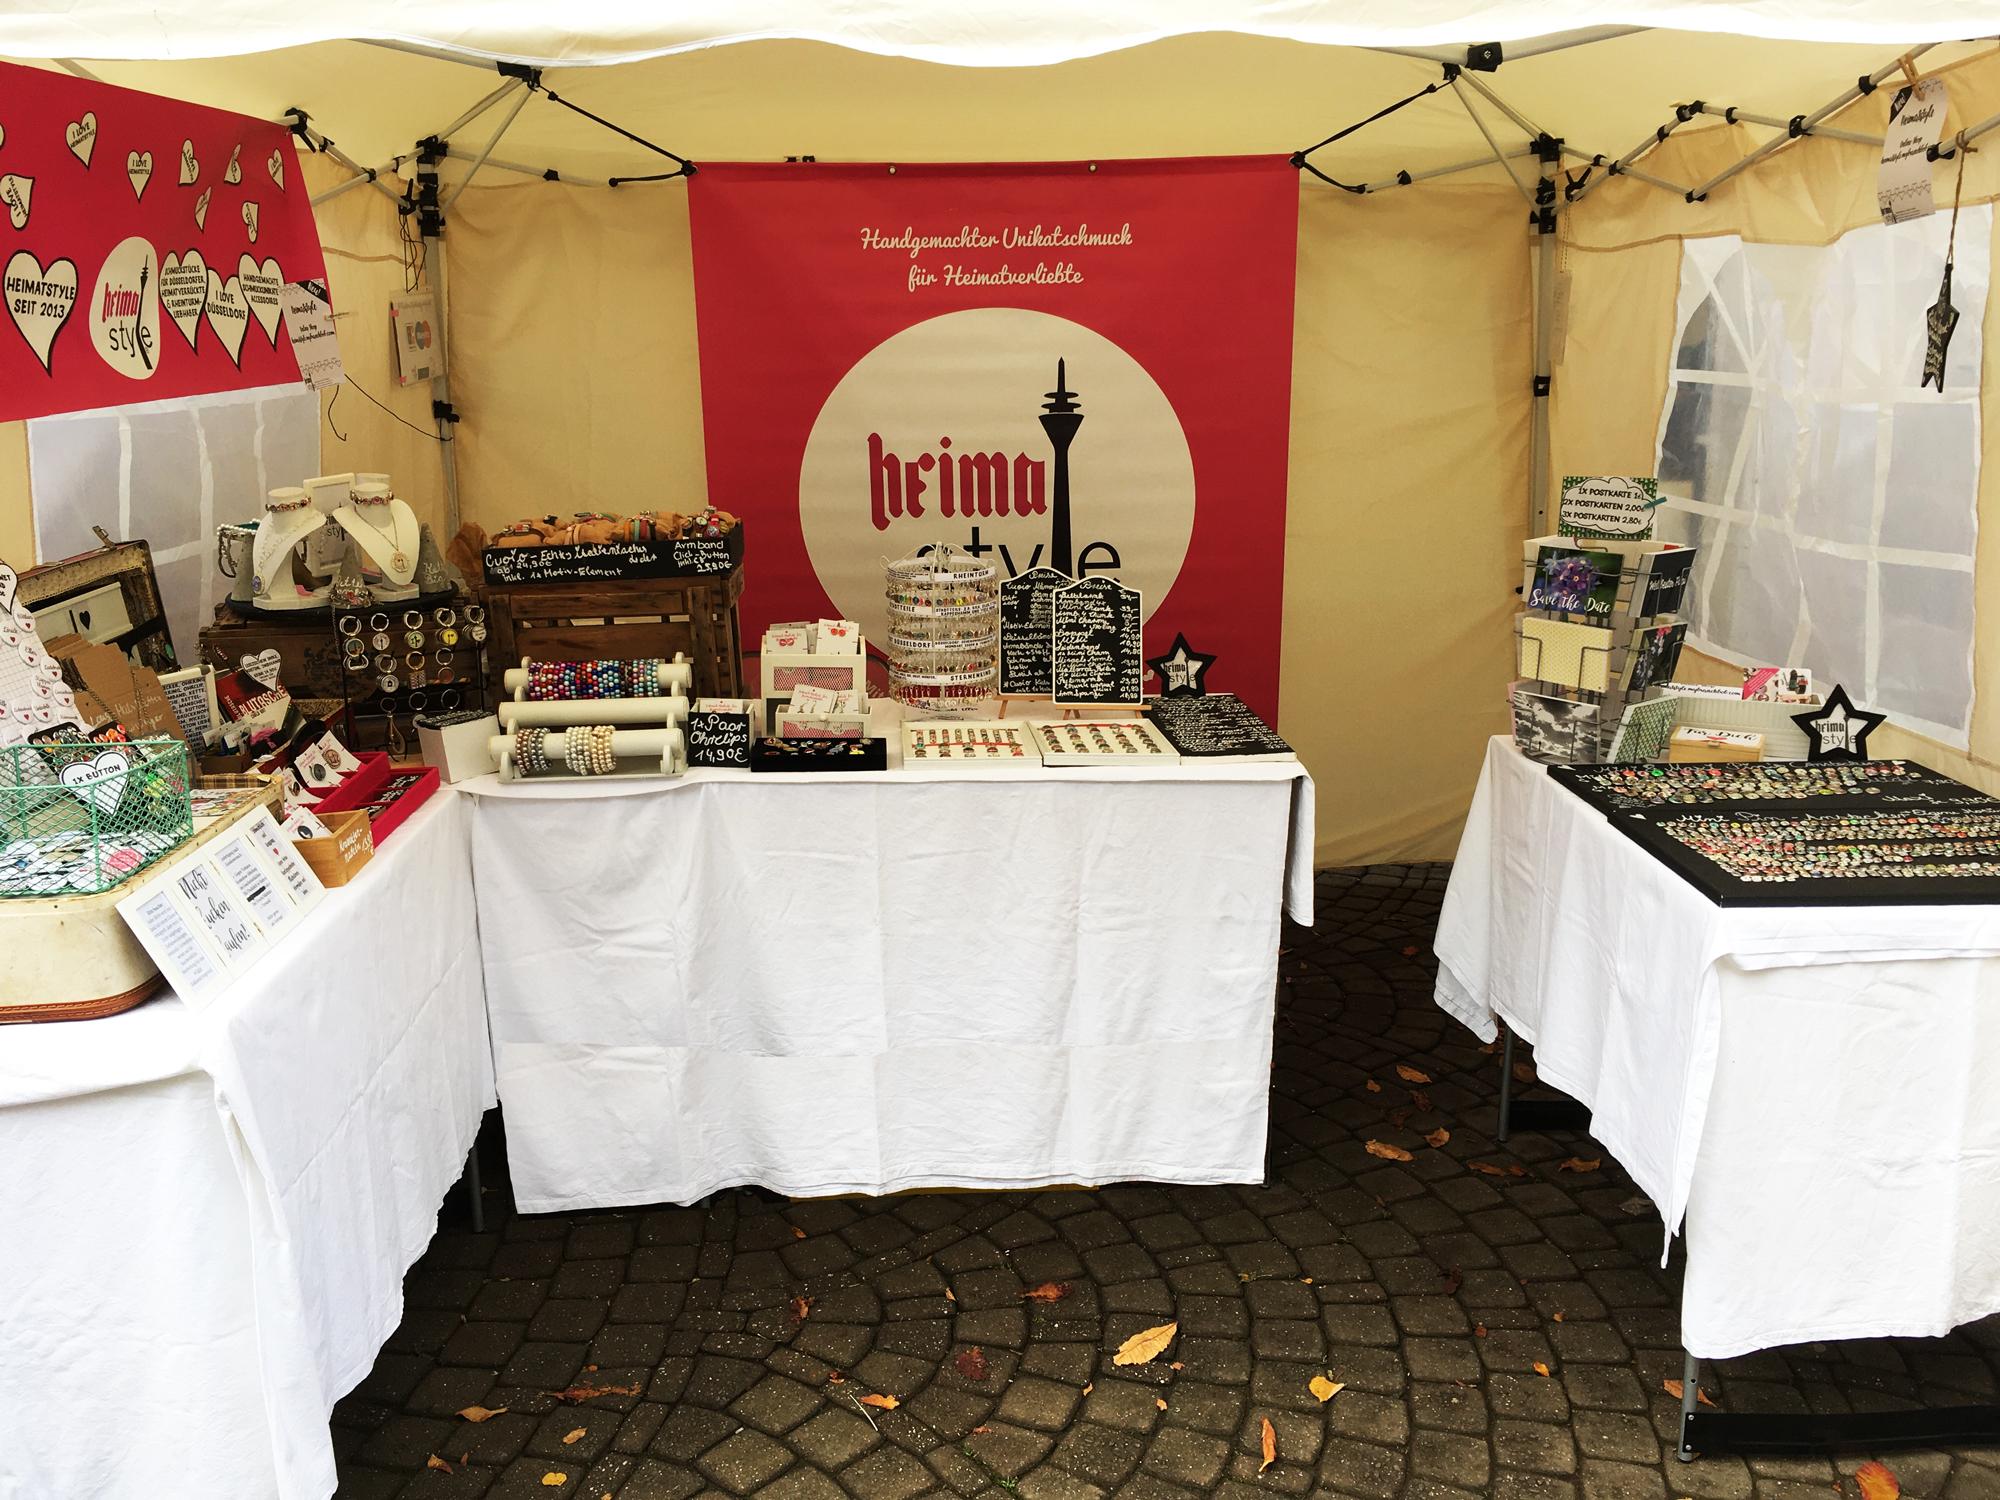 Kuenstlermarkt2019